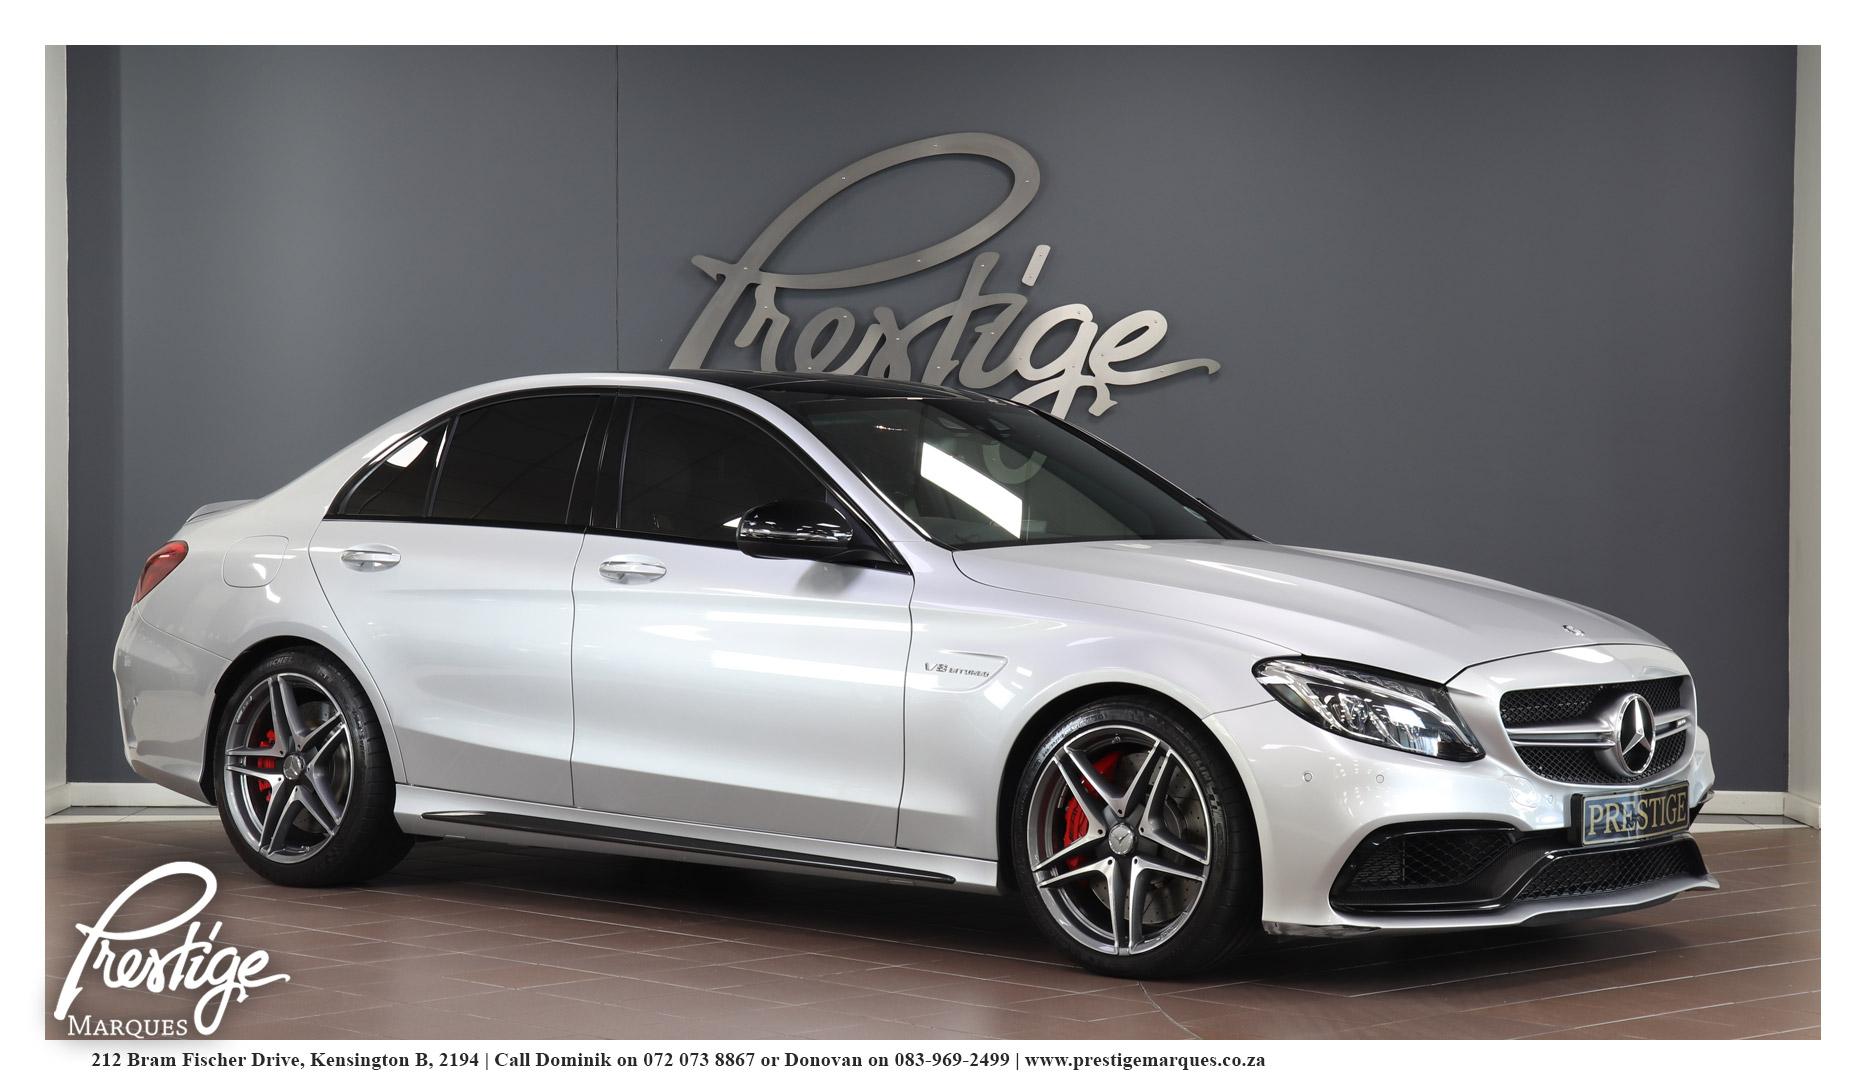 Mercedes-Benz-C63s-AMG-Prestige-Marques-1